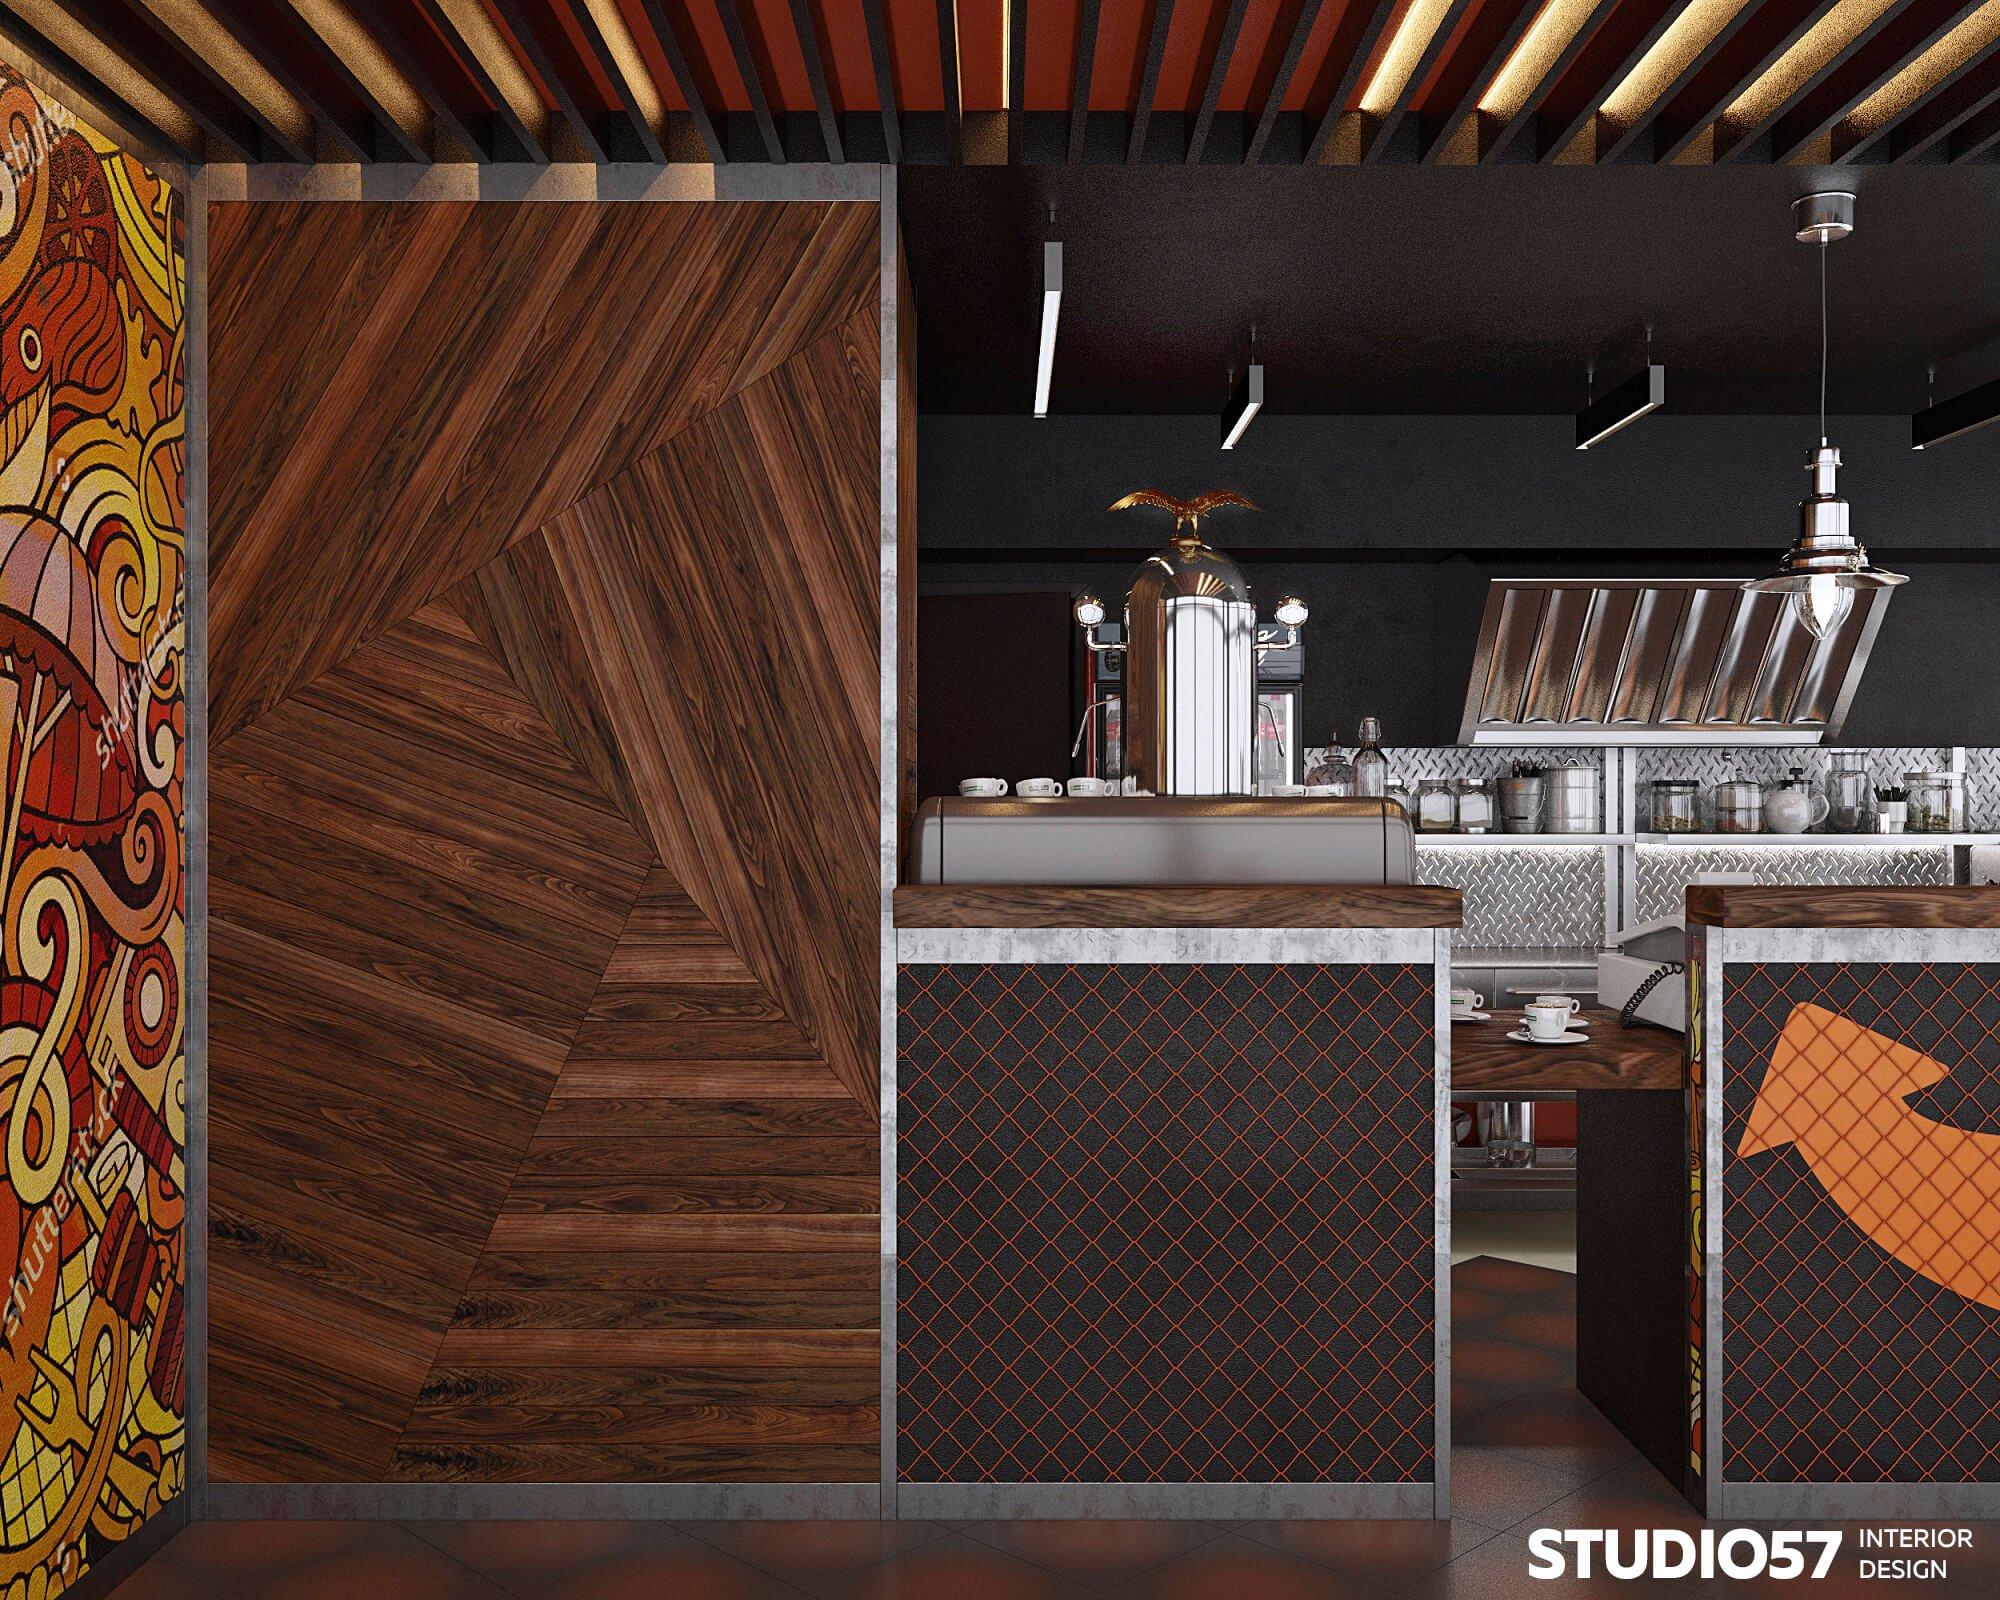 дизайн интерьера кафе +в стиле лофт